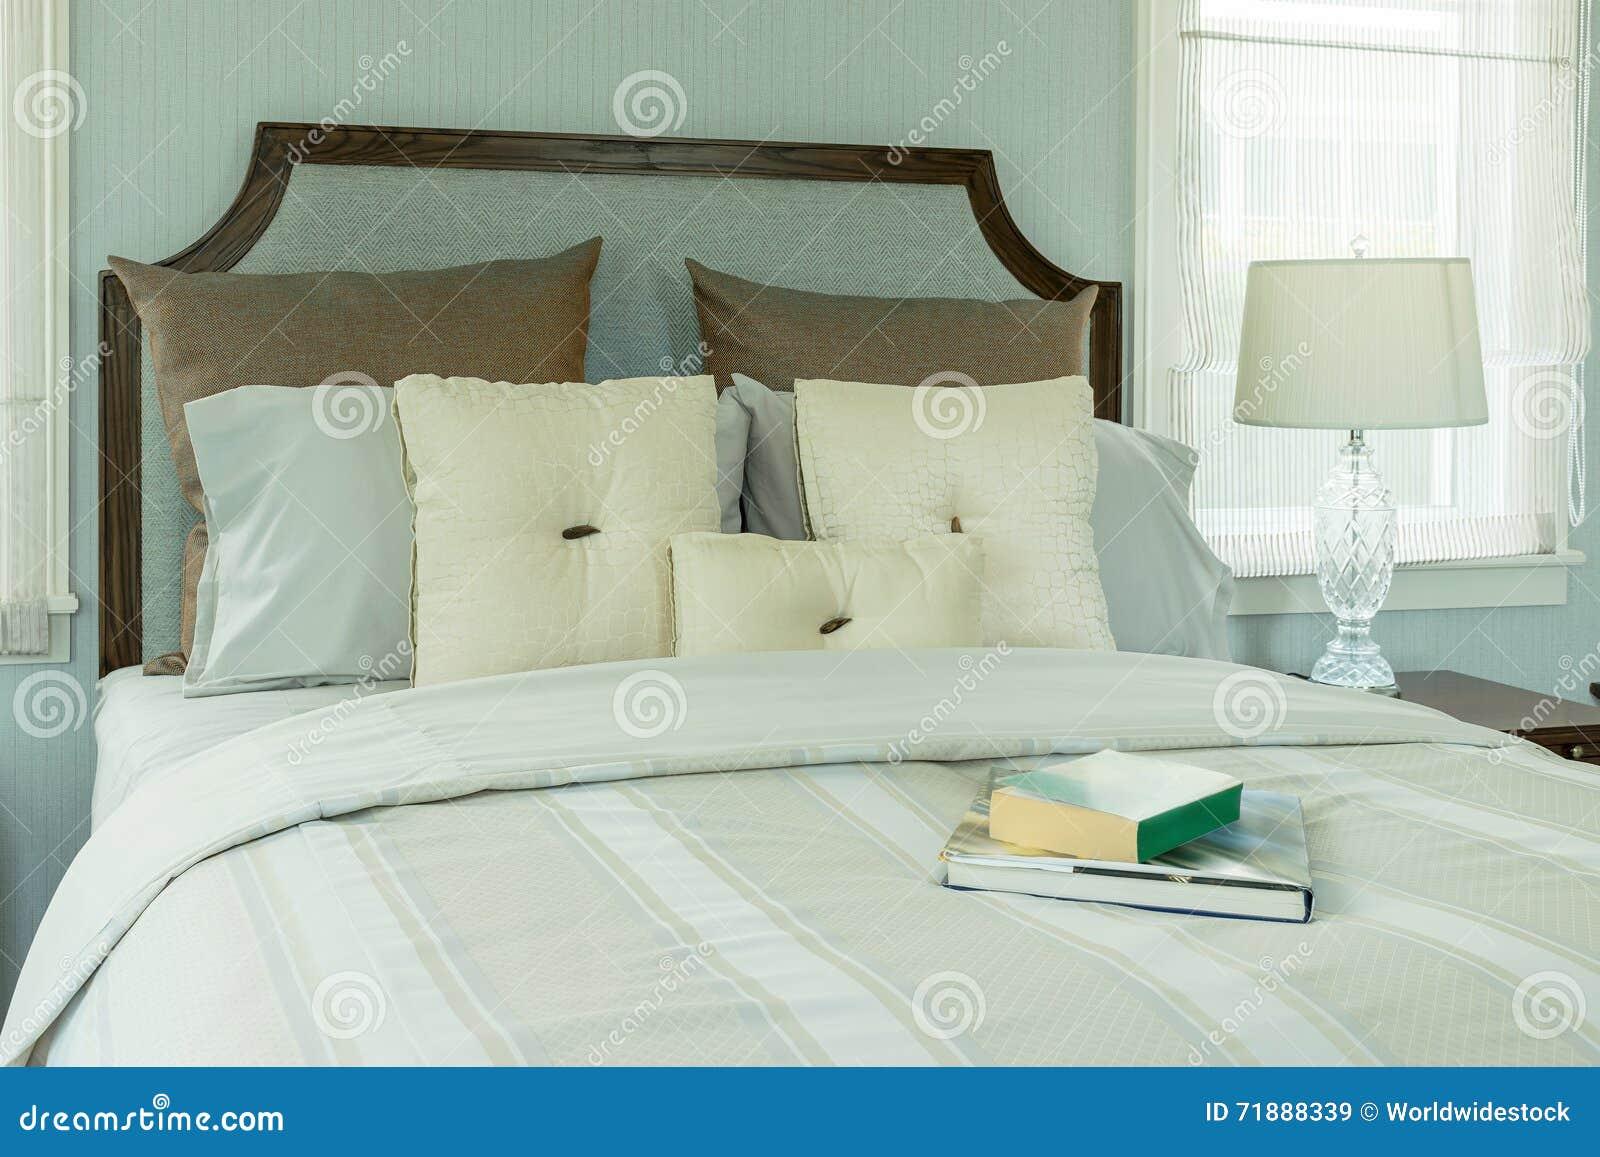 Gemütlicher Schlafzimmerinnenraum Mit Weißen Kissen Und Leselampe